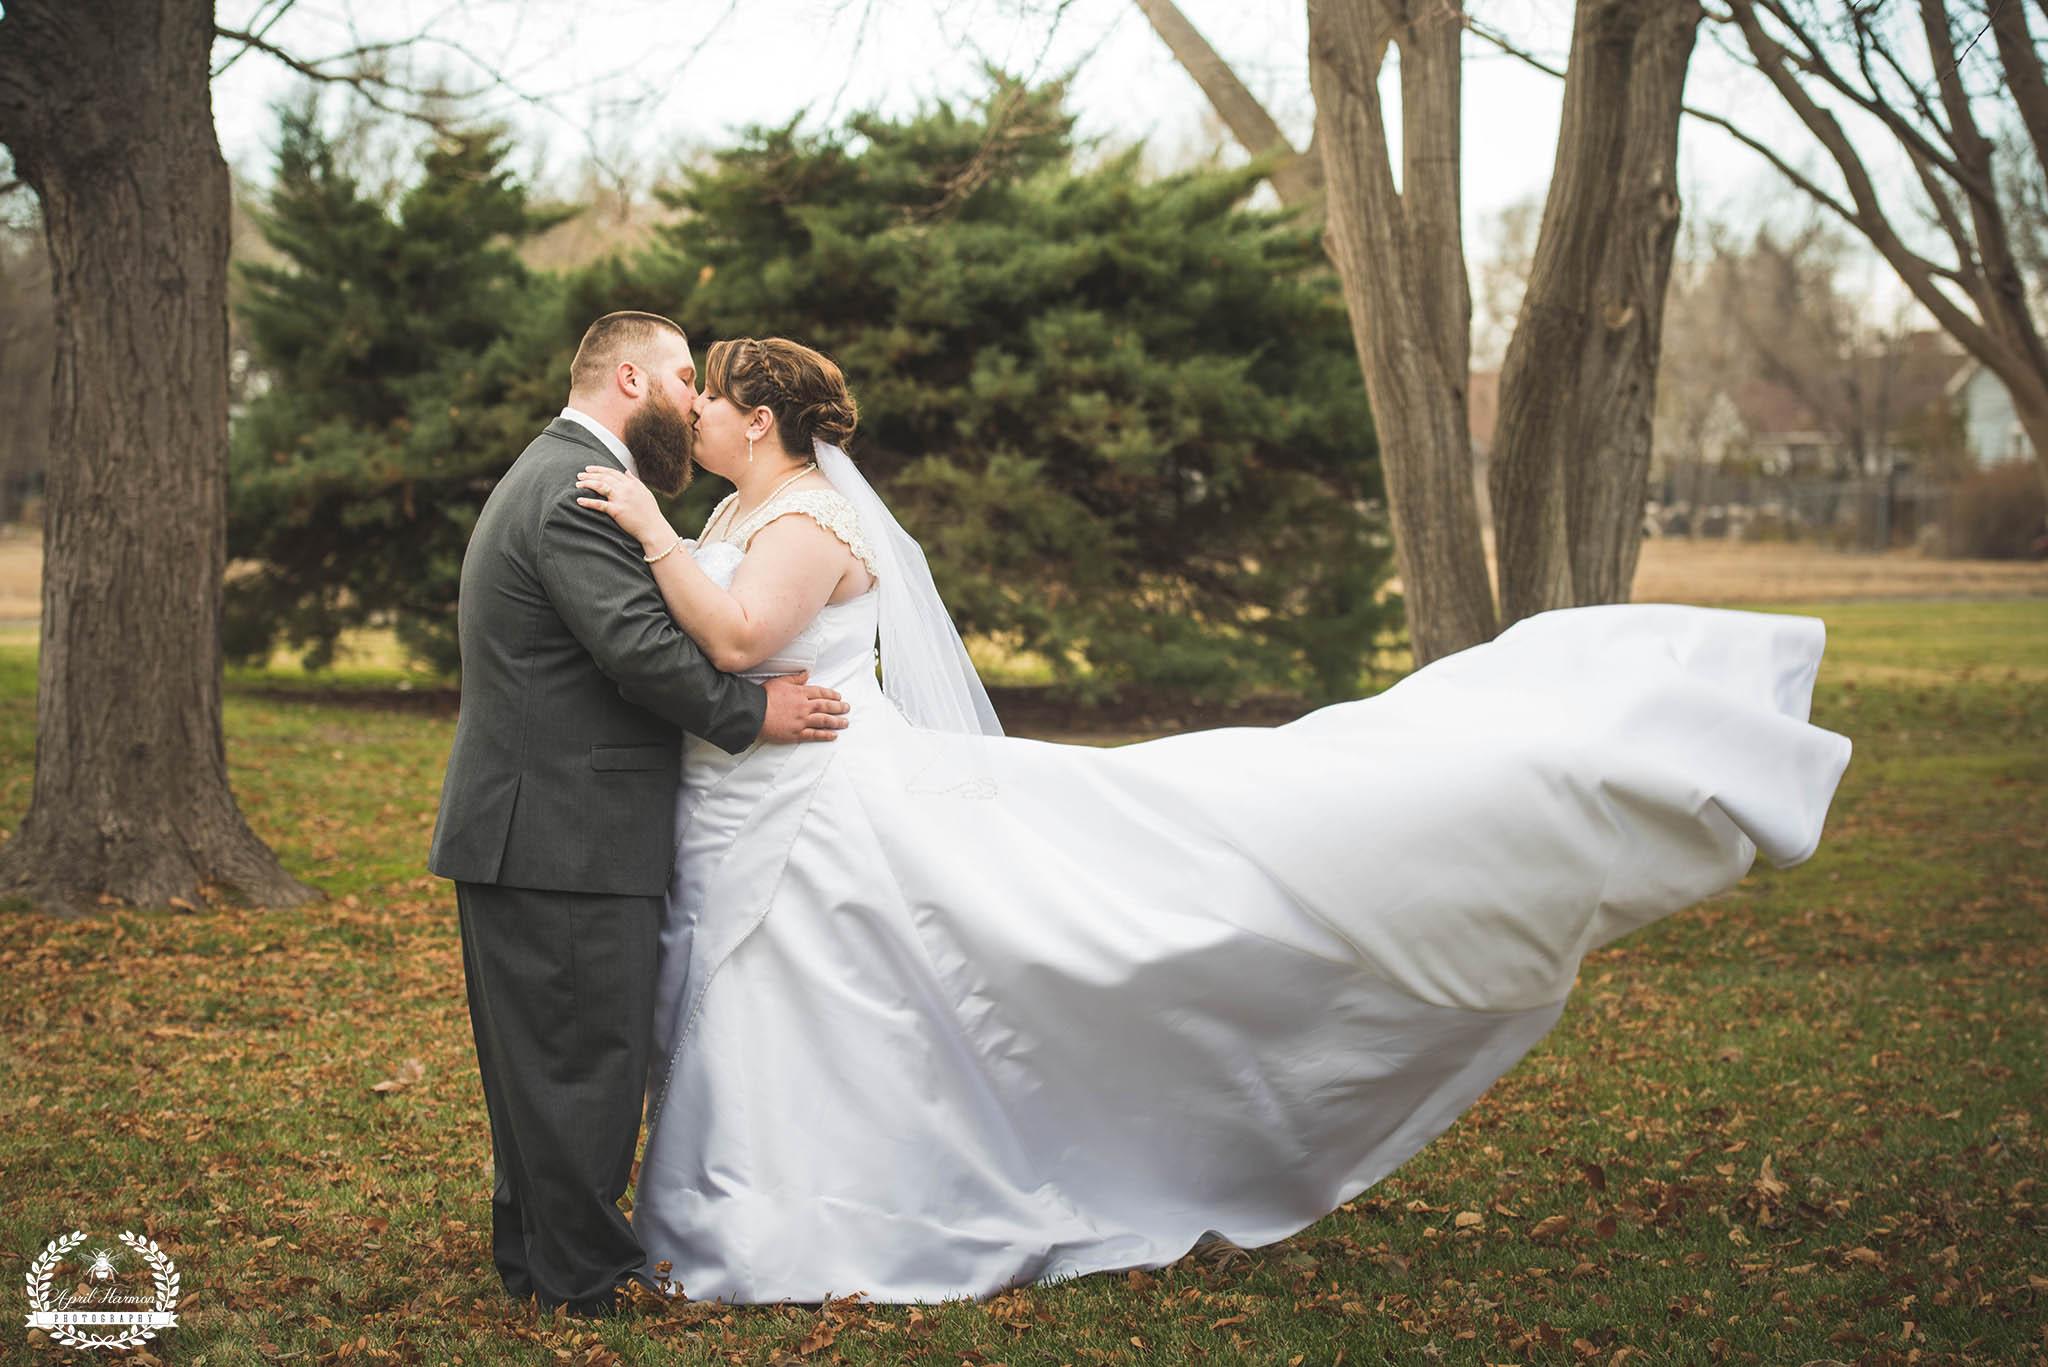 southwest-kansas-wedding-photography1-2.jpg